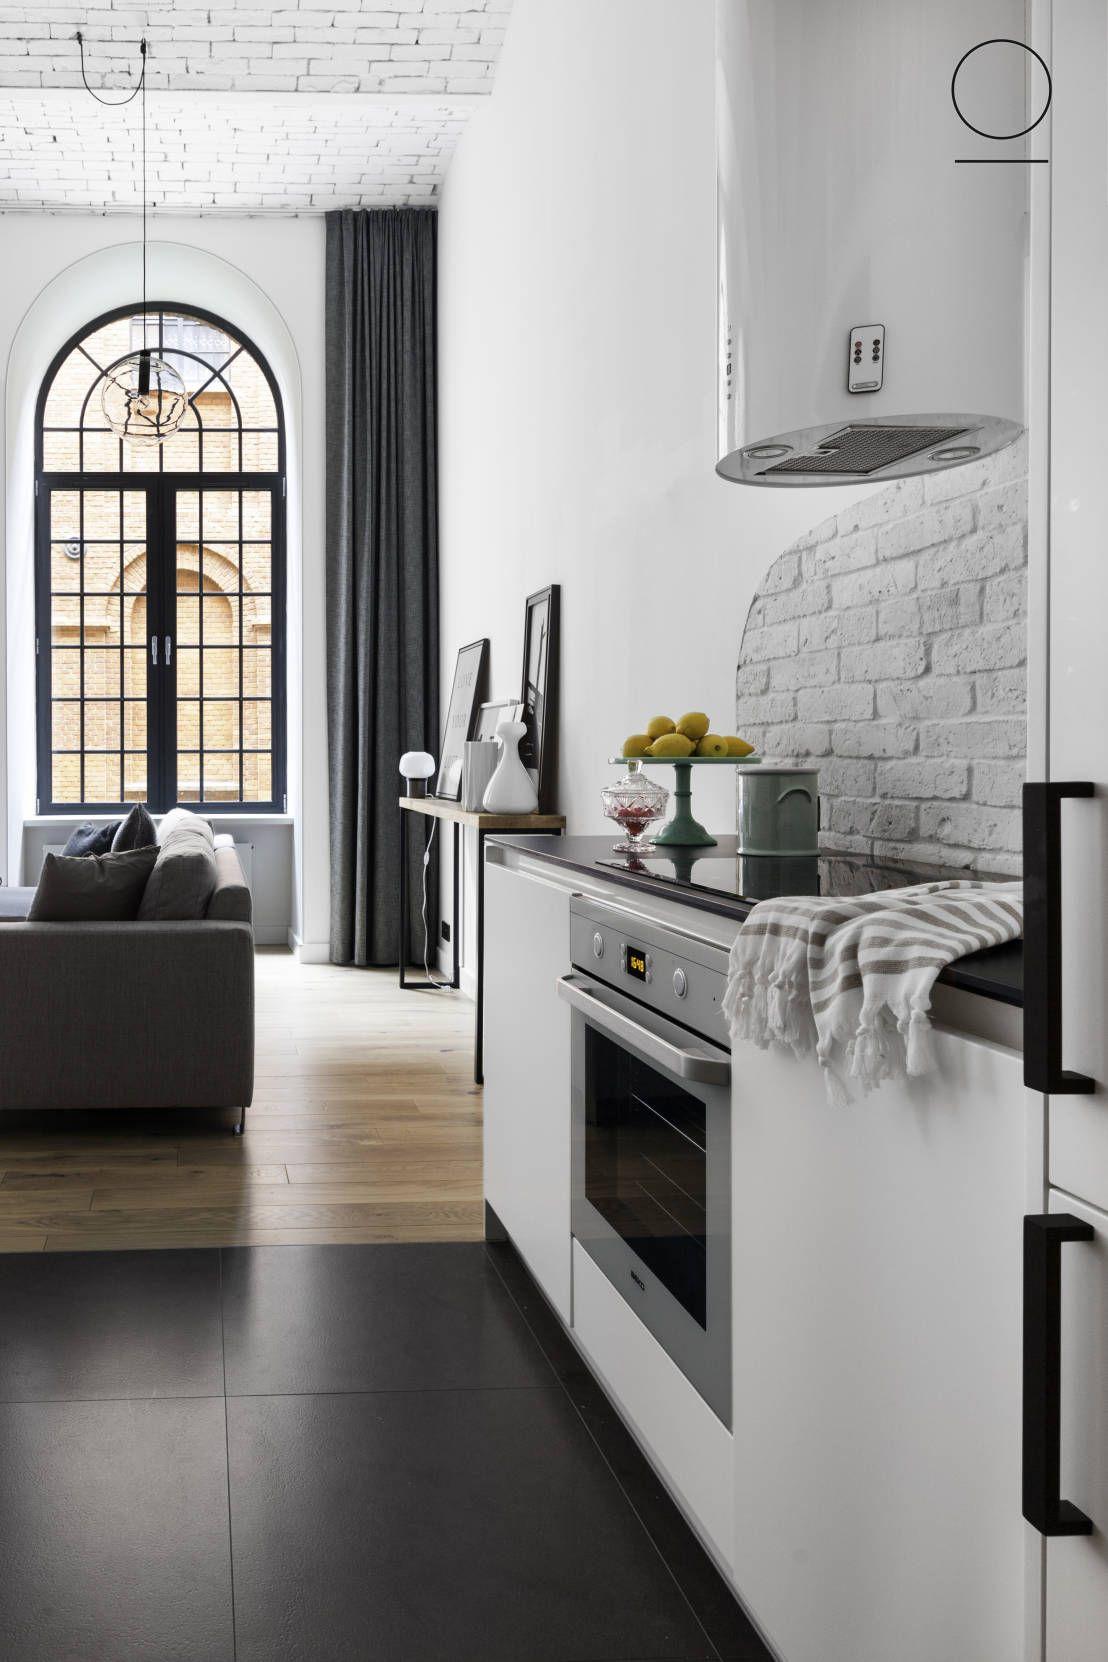 Jak Oszczedzic Miejsce W Malej Kuchni Homify Home Decor Interior Design Interior Design Styles